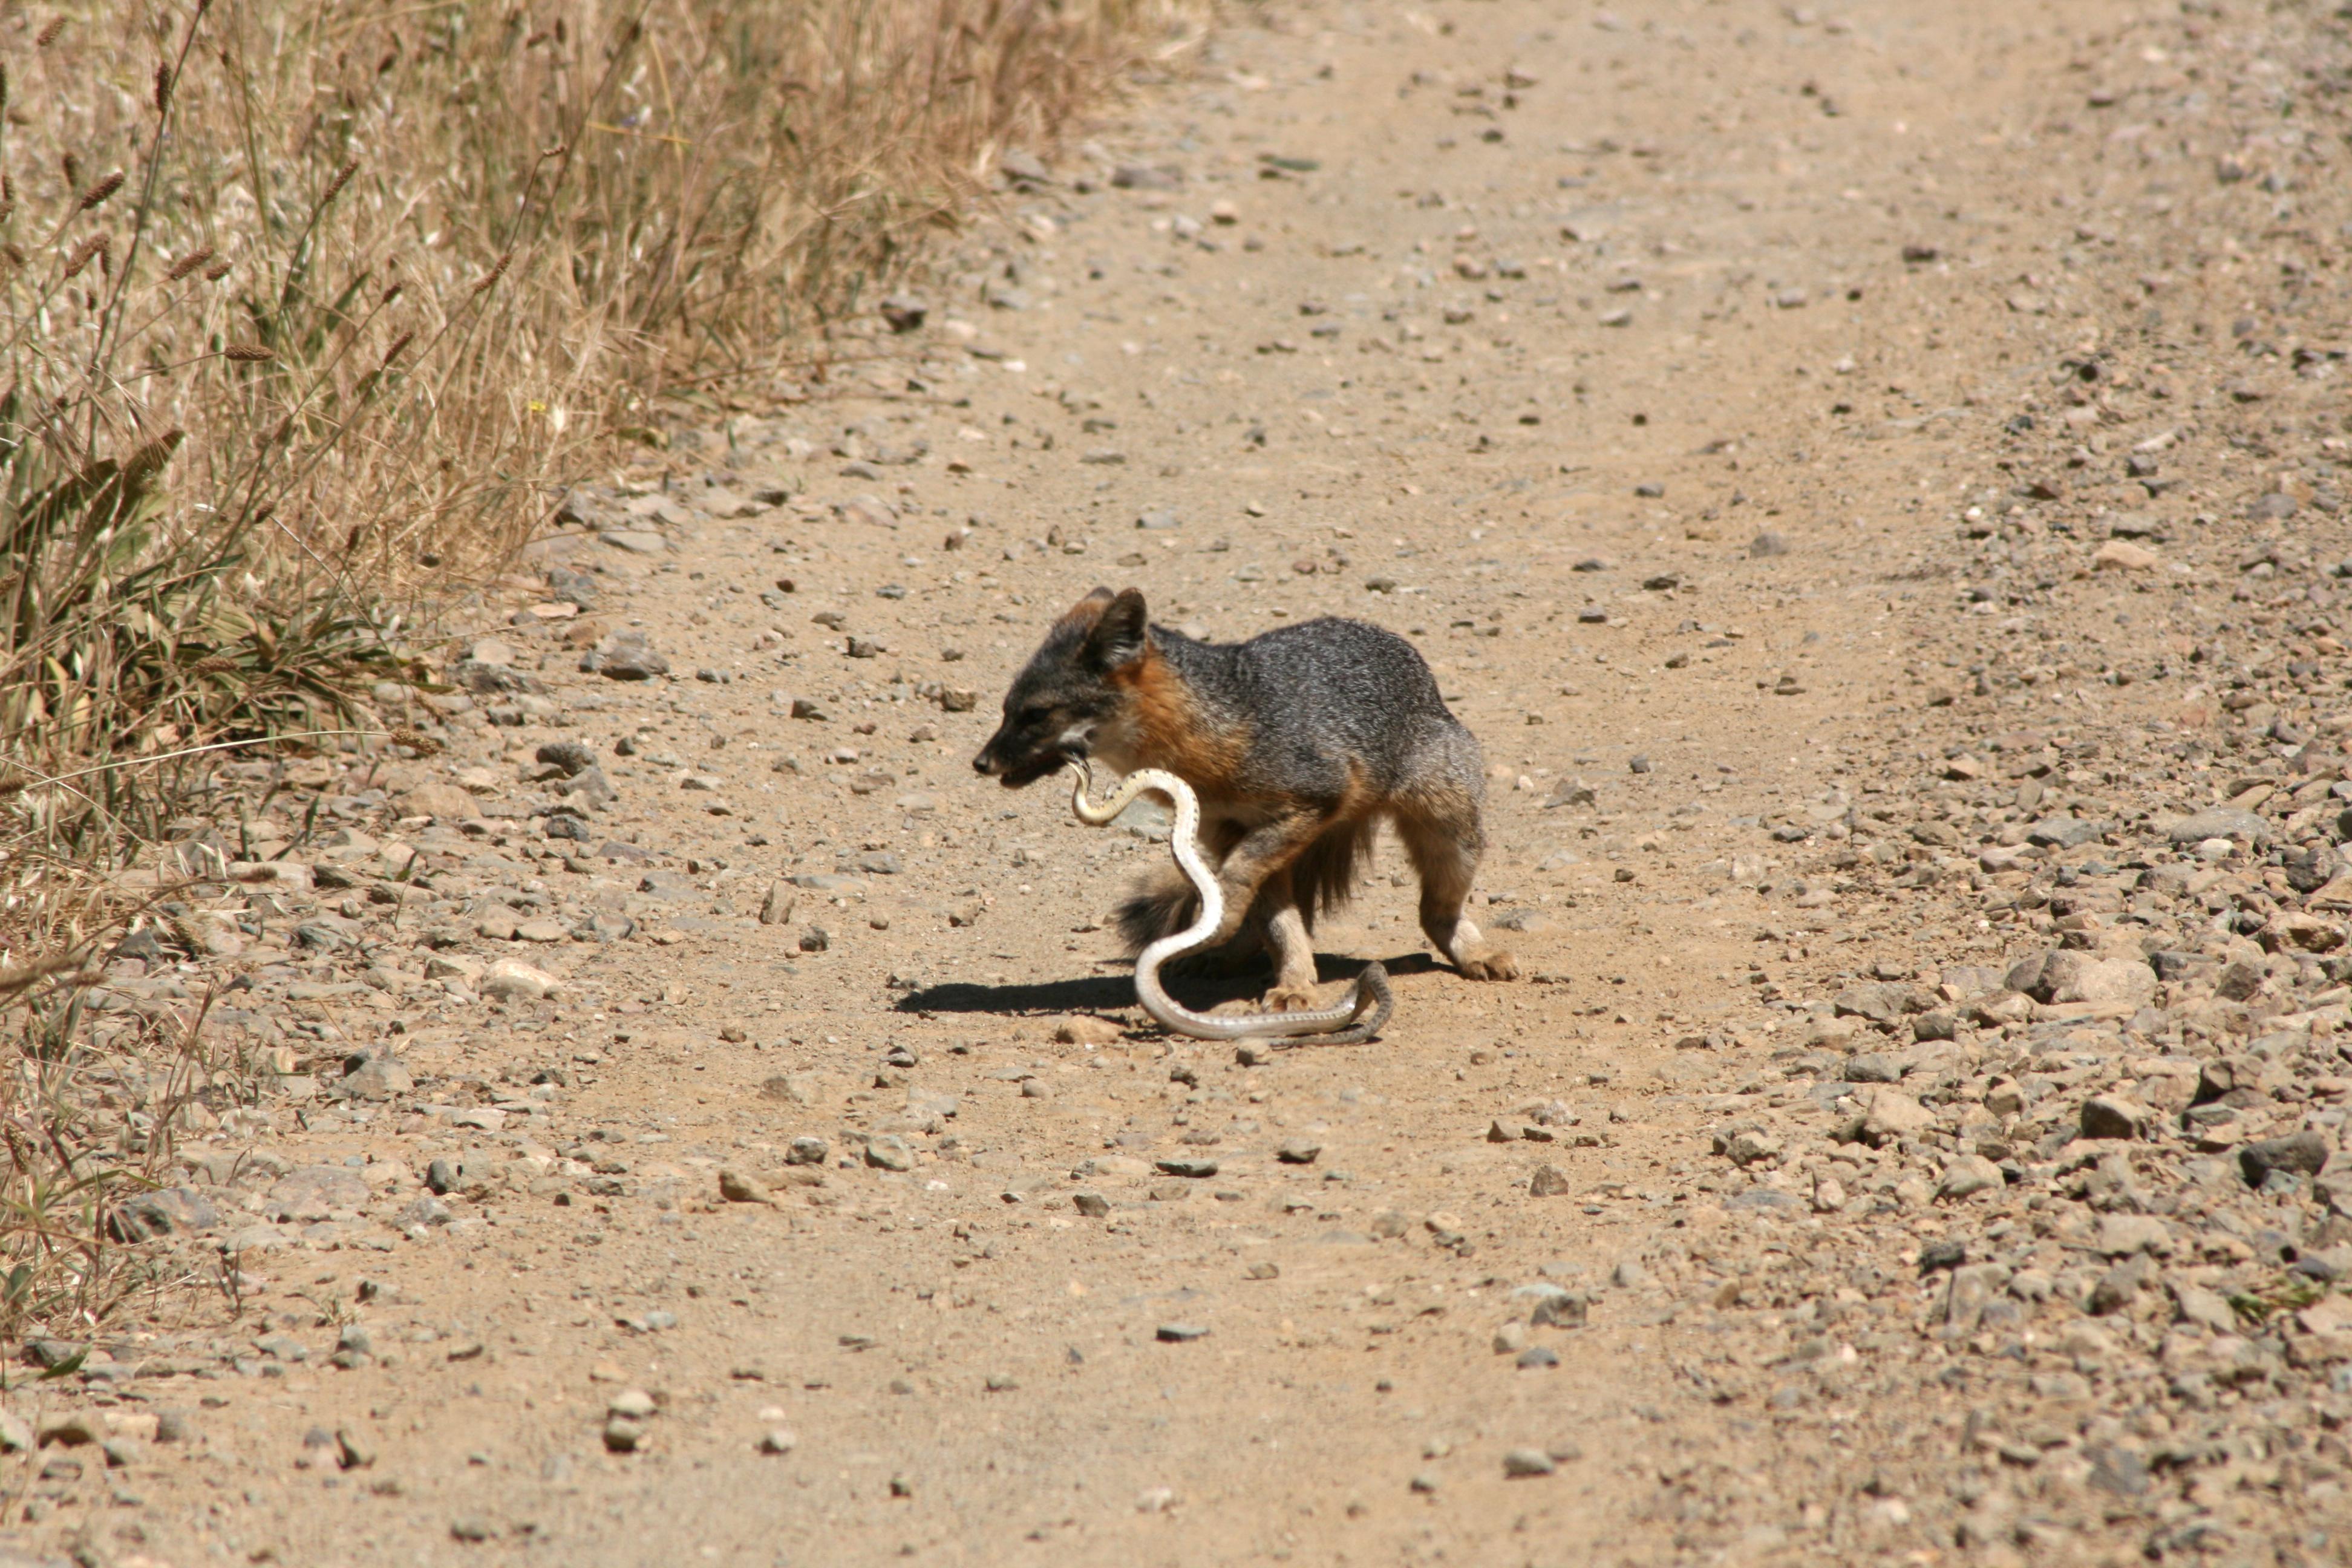 Island Fox eating Gopher Snake